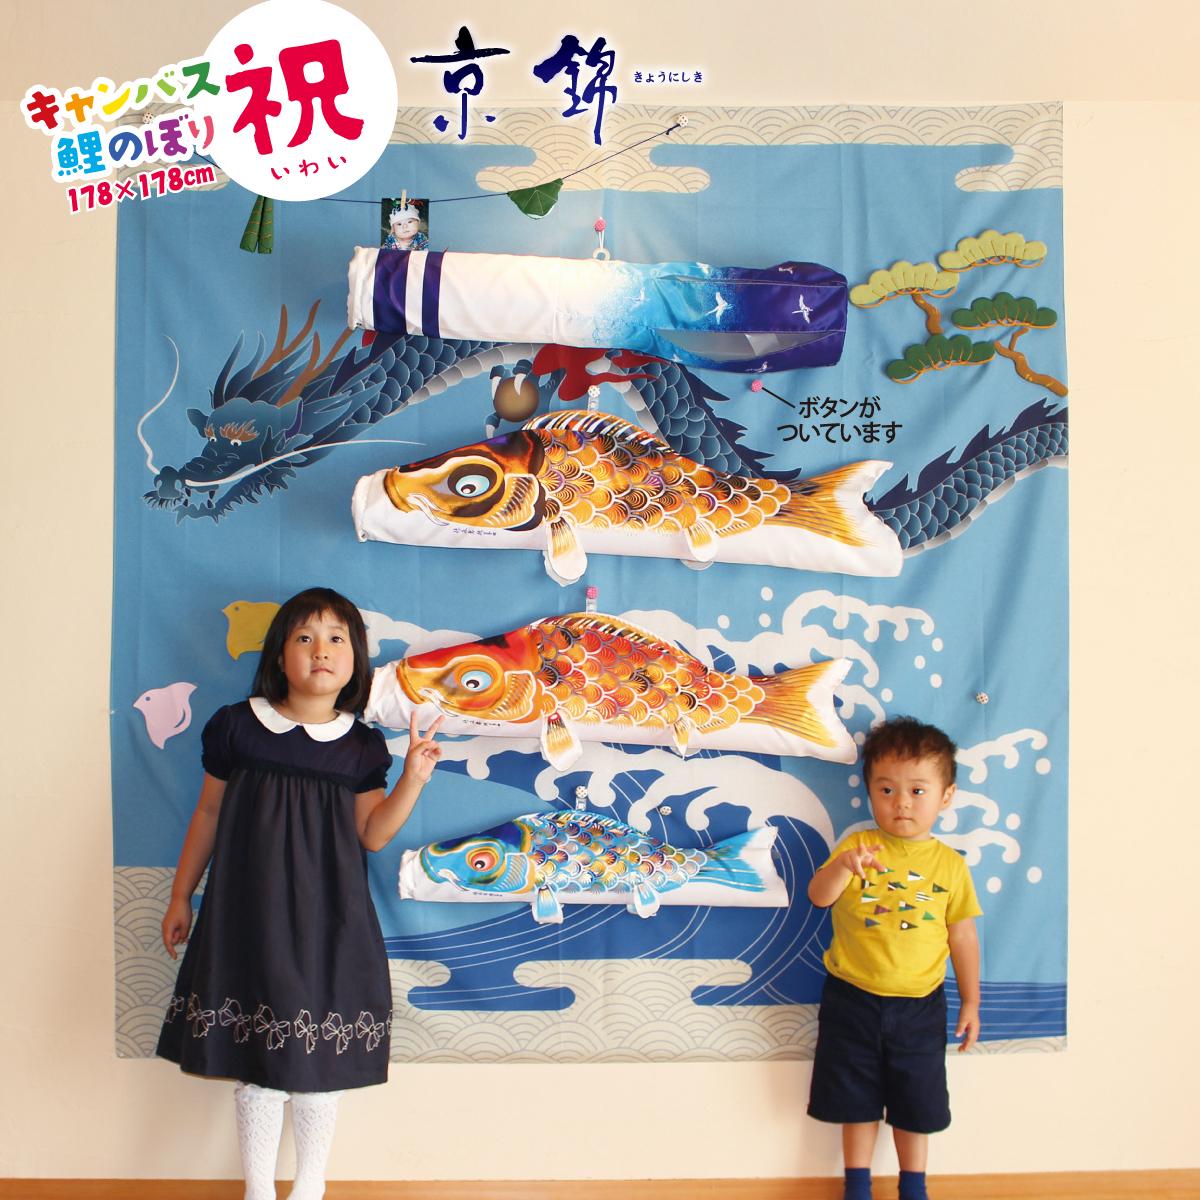 室内用鯉のぼり キャンバス鯉のぼり 祝 京錦セット KOI-T-126-570室内用 こいのぼり 徳永鯉のぼり